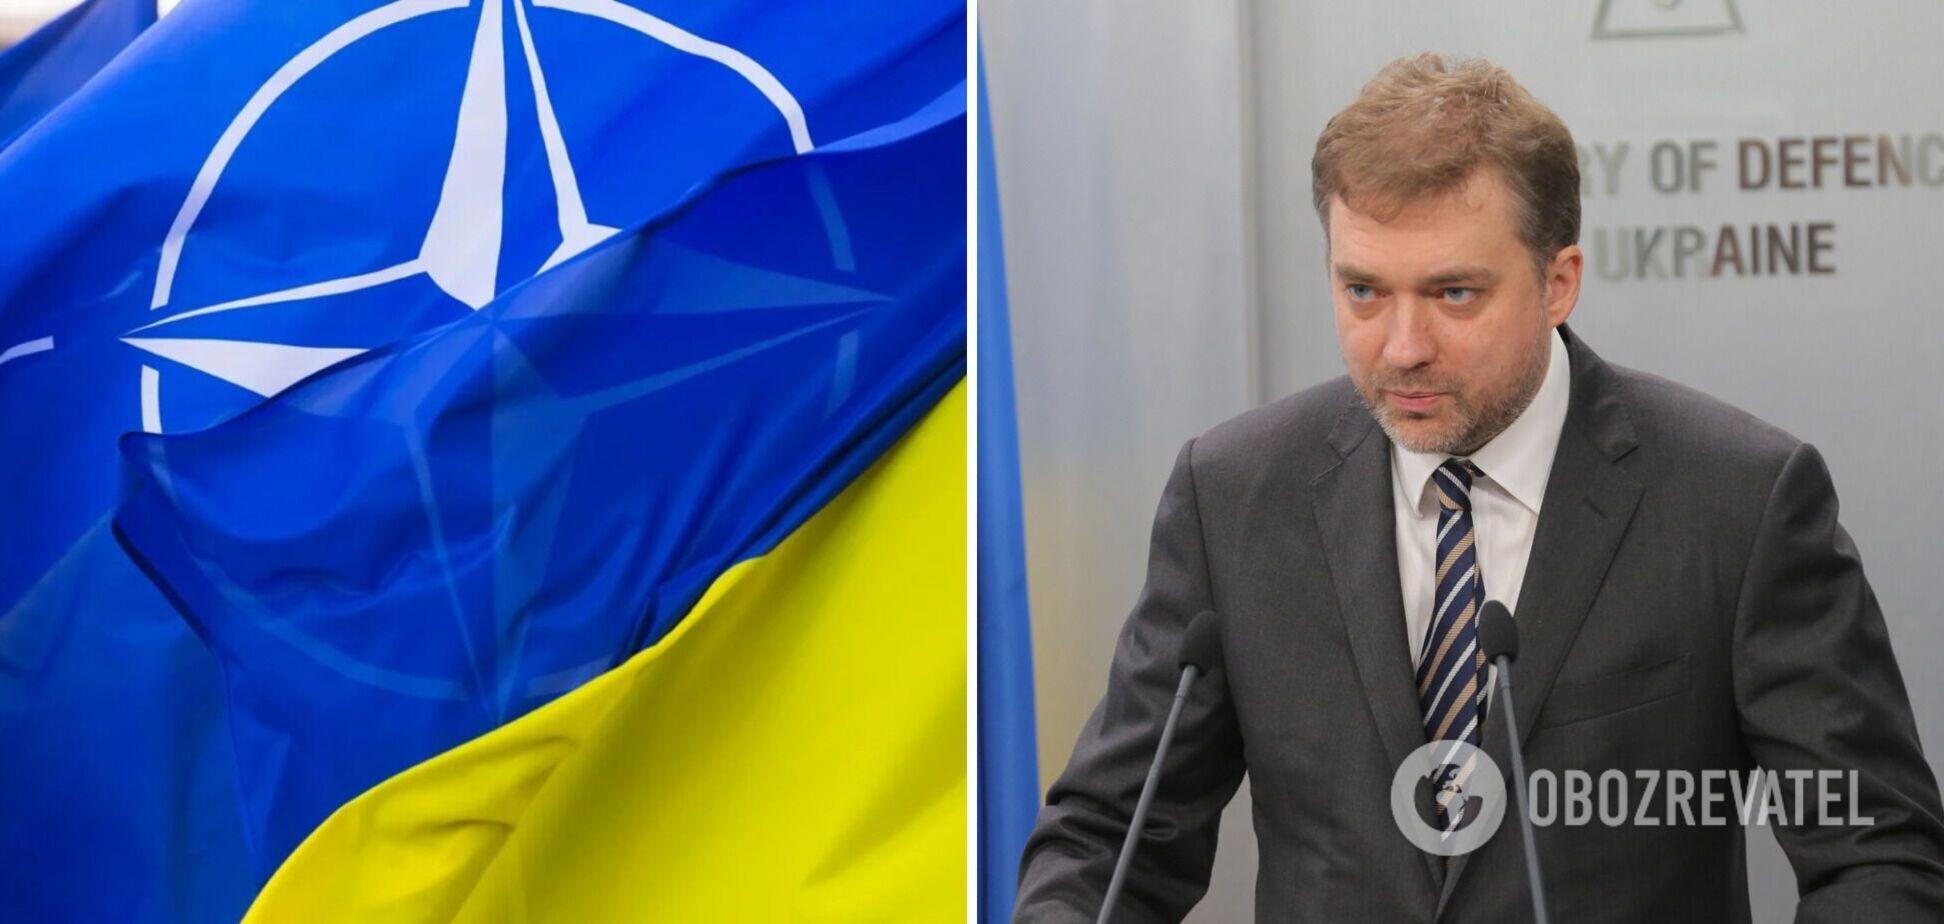 Ексміністр оборони розповів, чи зможе Україна 'завтра' вступити в НАТО